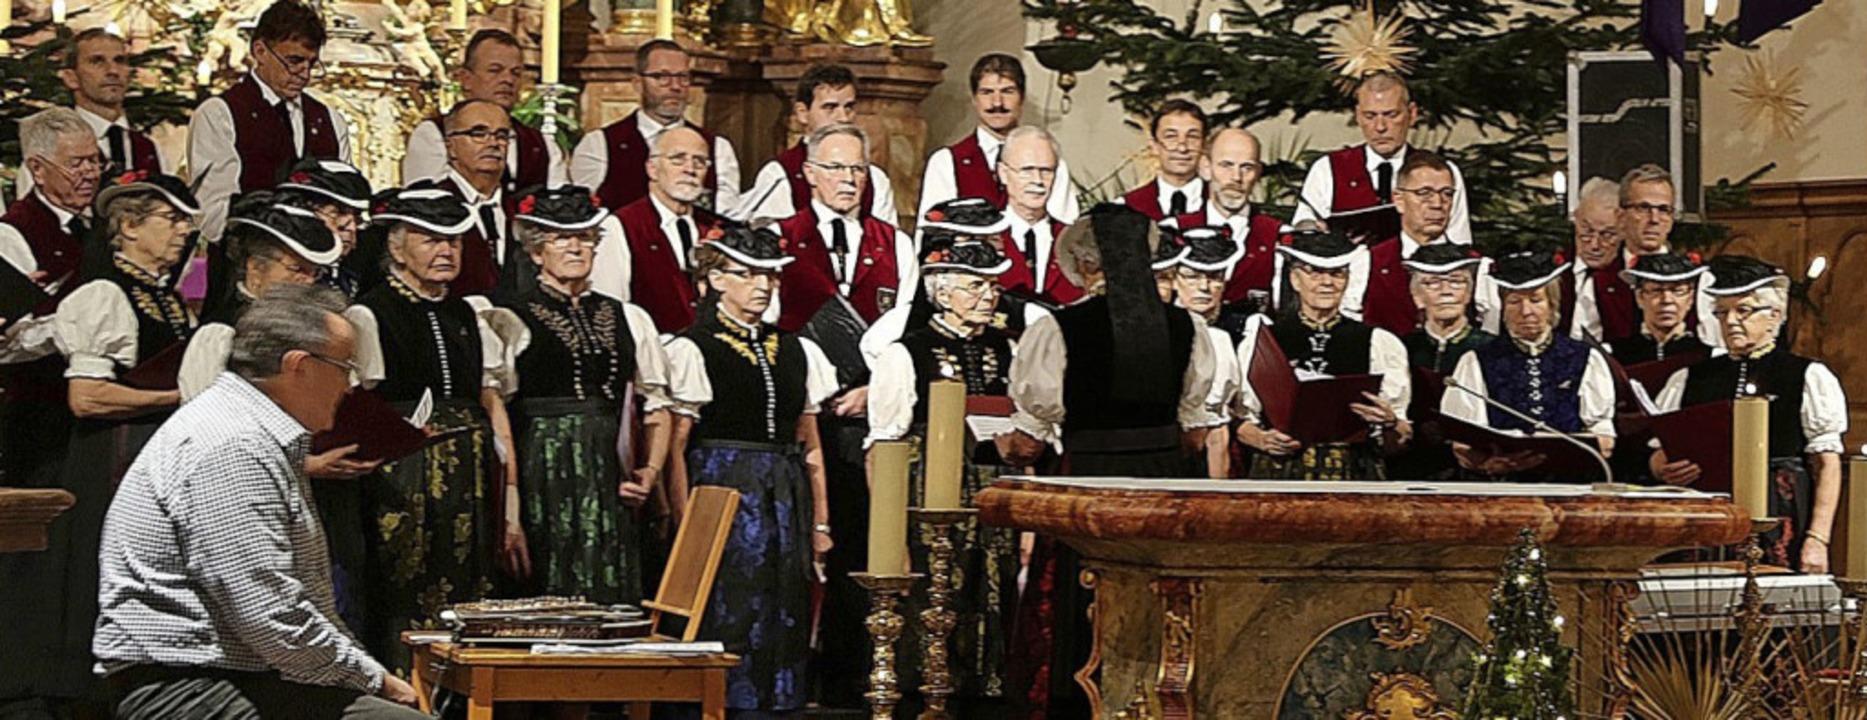 Singen und musizieren gemeinsam bei de...Landfrauenchor und Männergesangverein   | Foto: Heinrich Fehrenbach